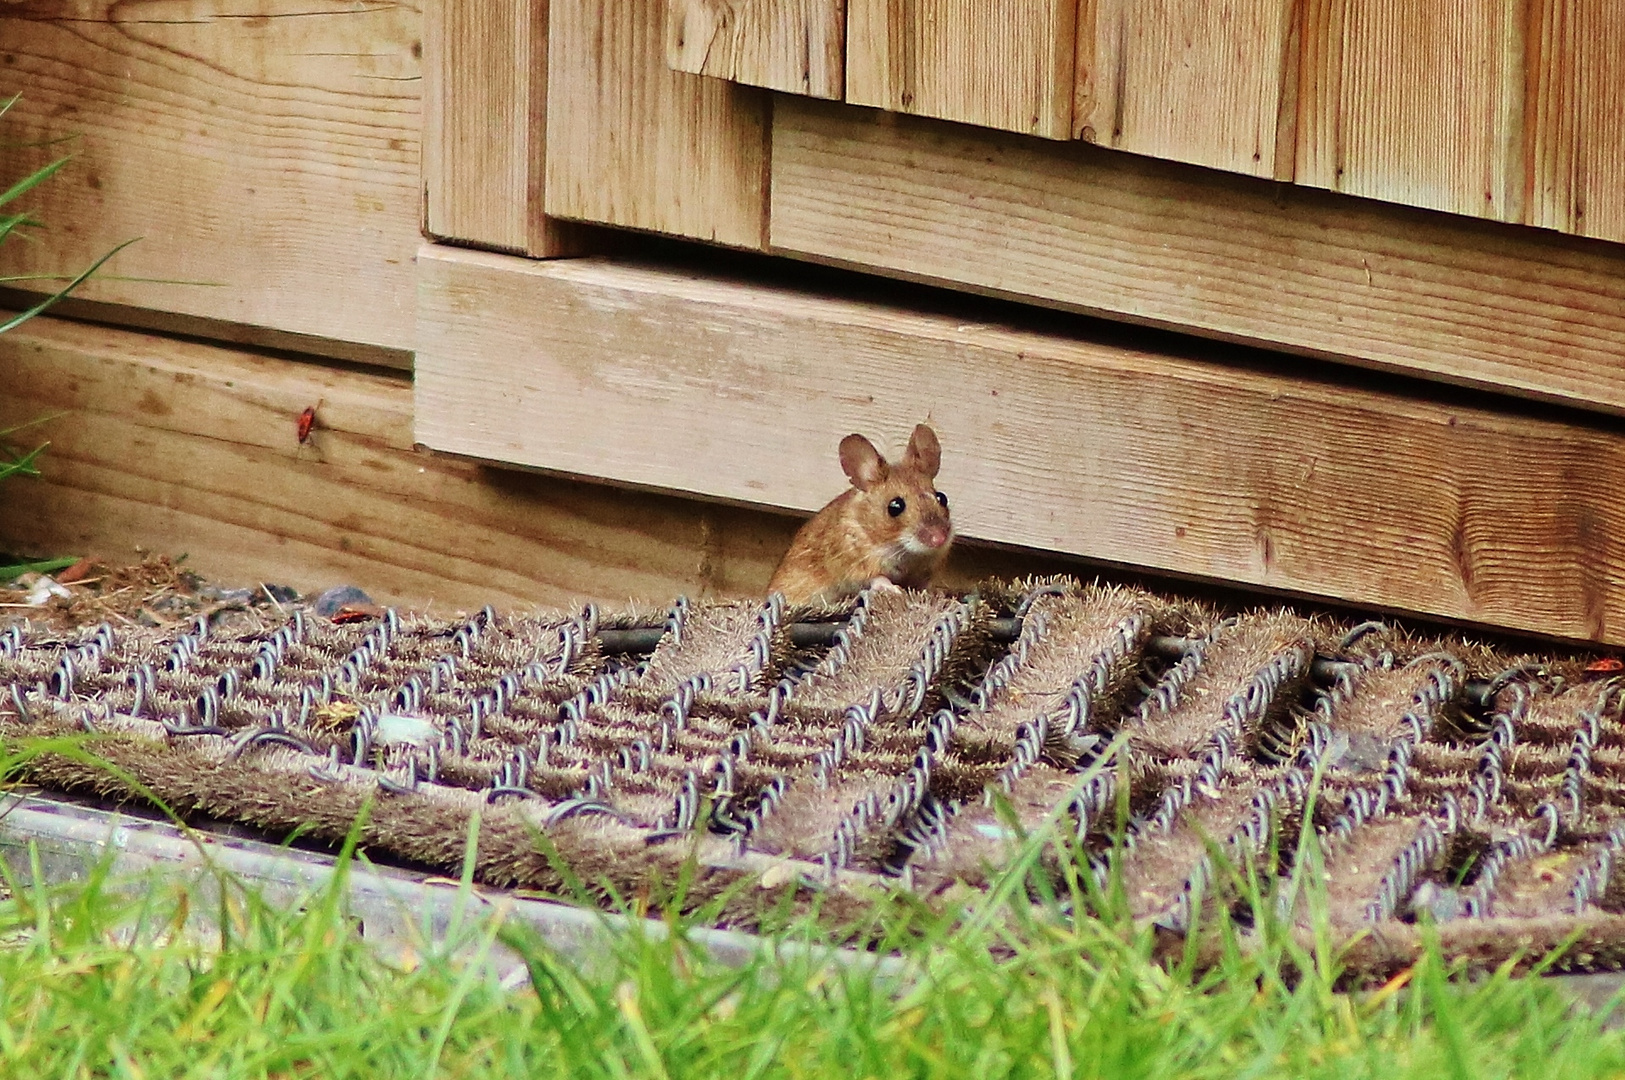 Guten Morgen Von Mausi Foto Bild Wildlife Natur Bilder